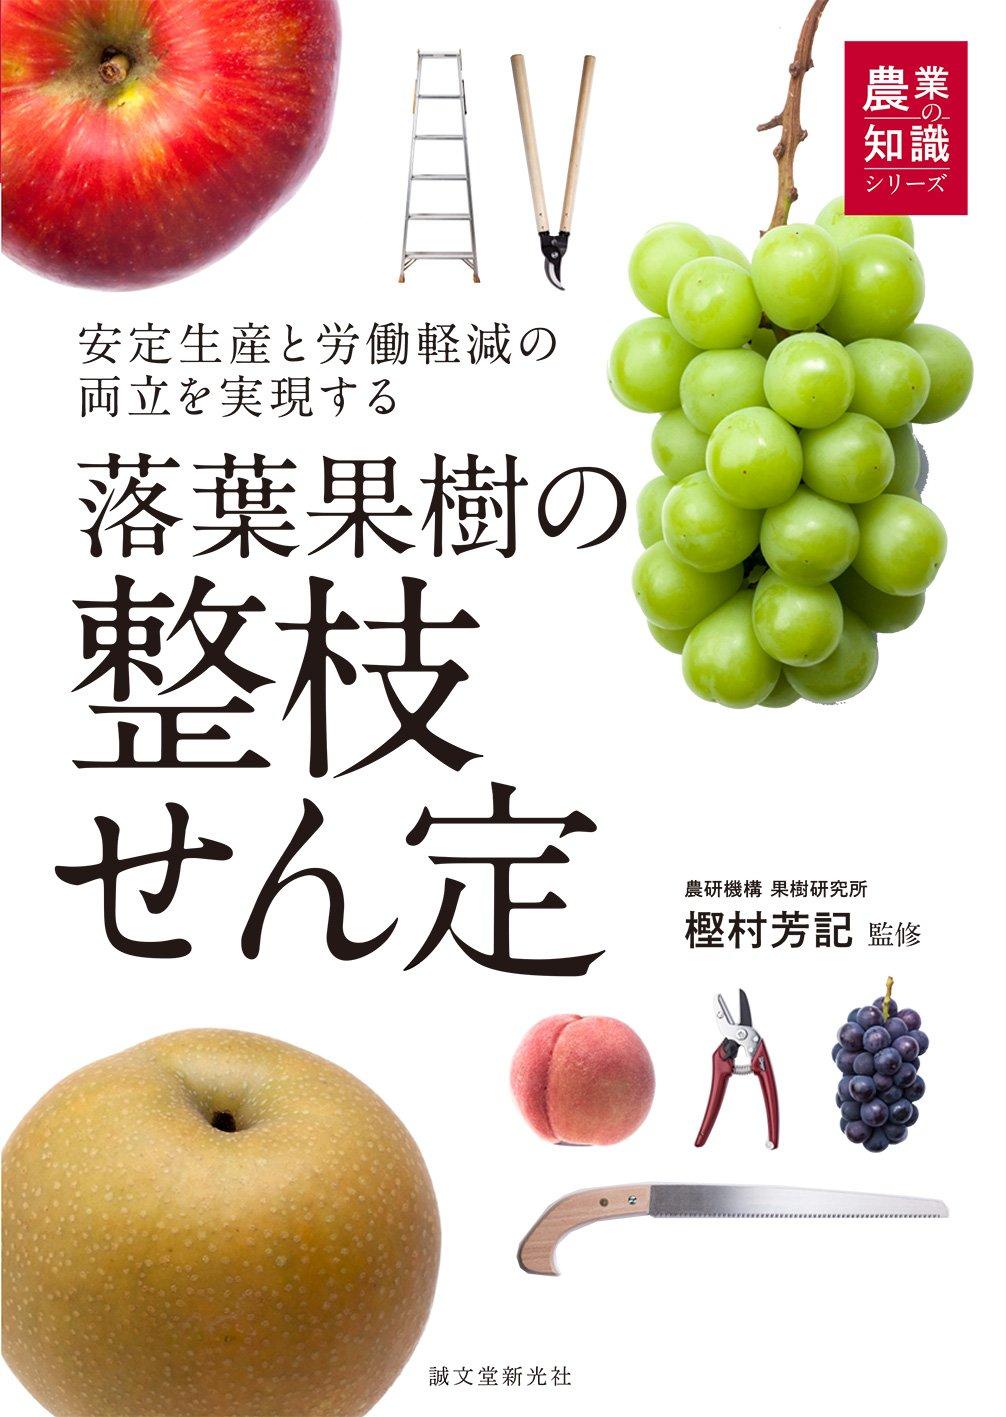 Rakuyō kaju no seishi sentei : antei seisan to rōdō keigen no ryōritsu o jitsugen suru pdf epub